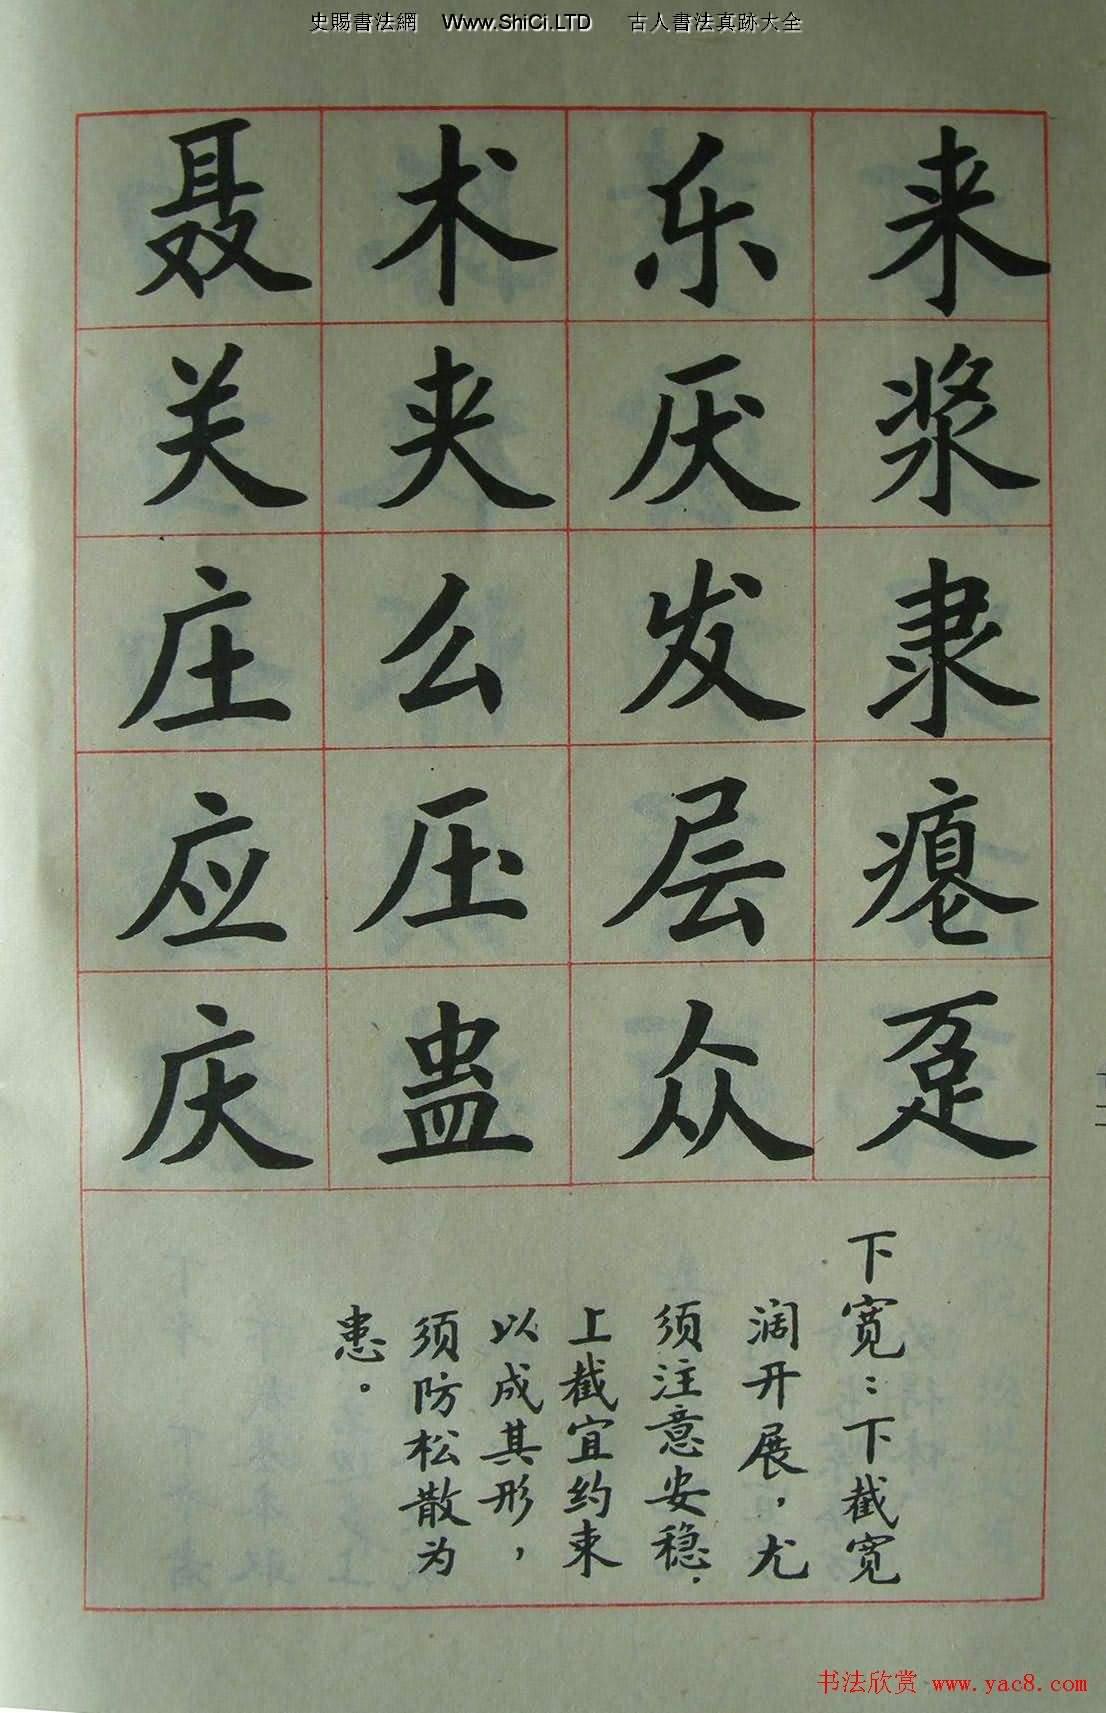 廖蘊玉字帖《簡化漢字結構五十法》